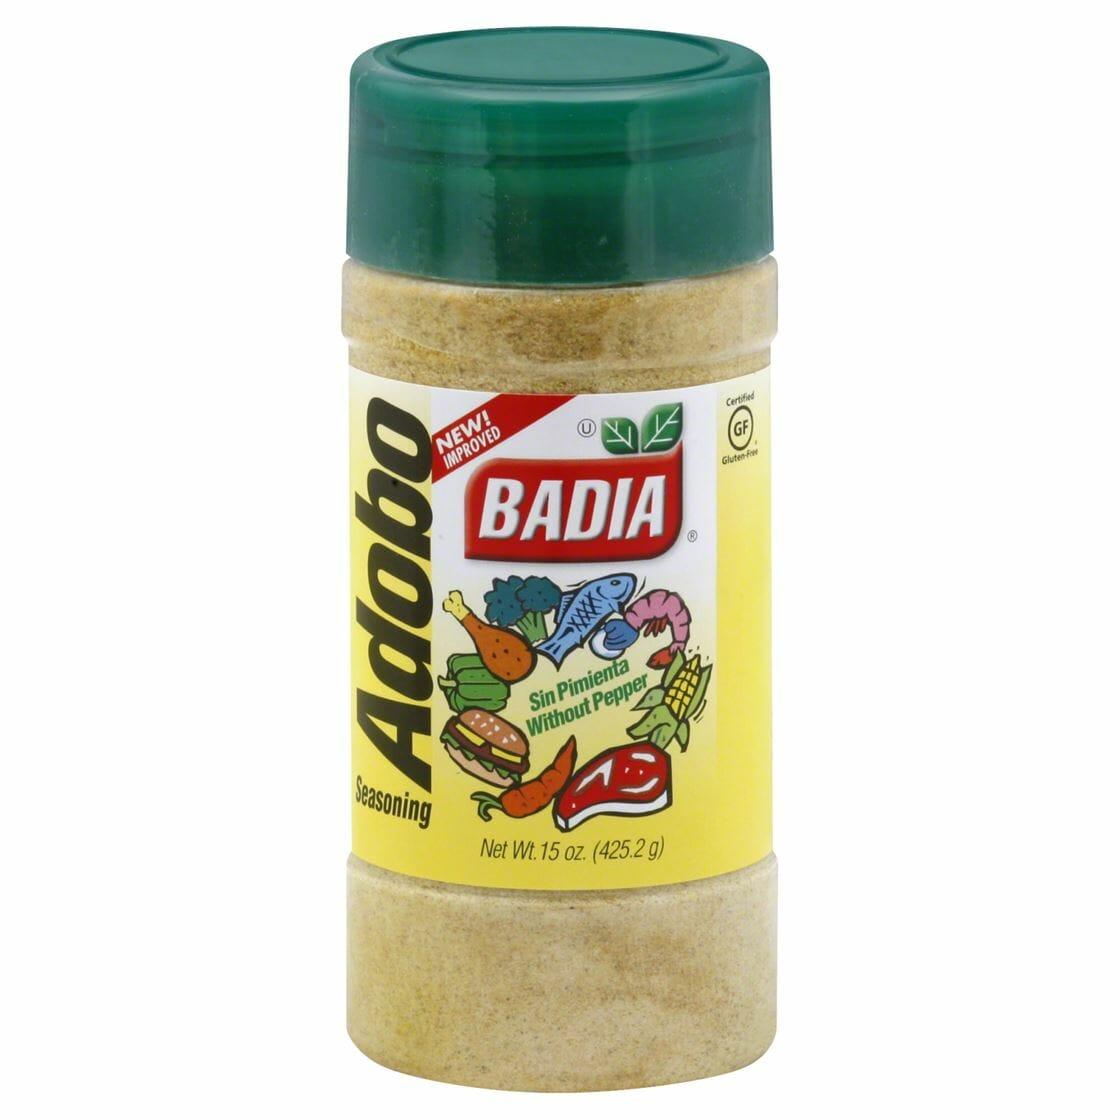 Badia Adobo W/O Pepper 15oz